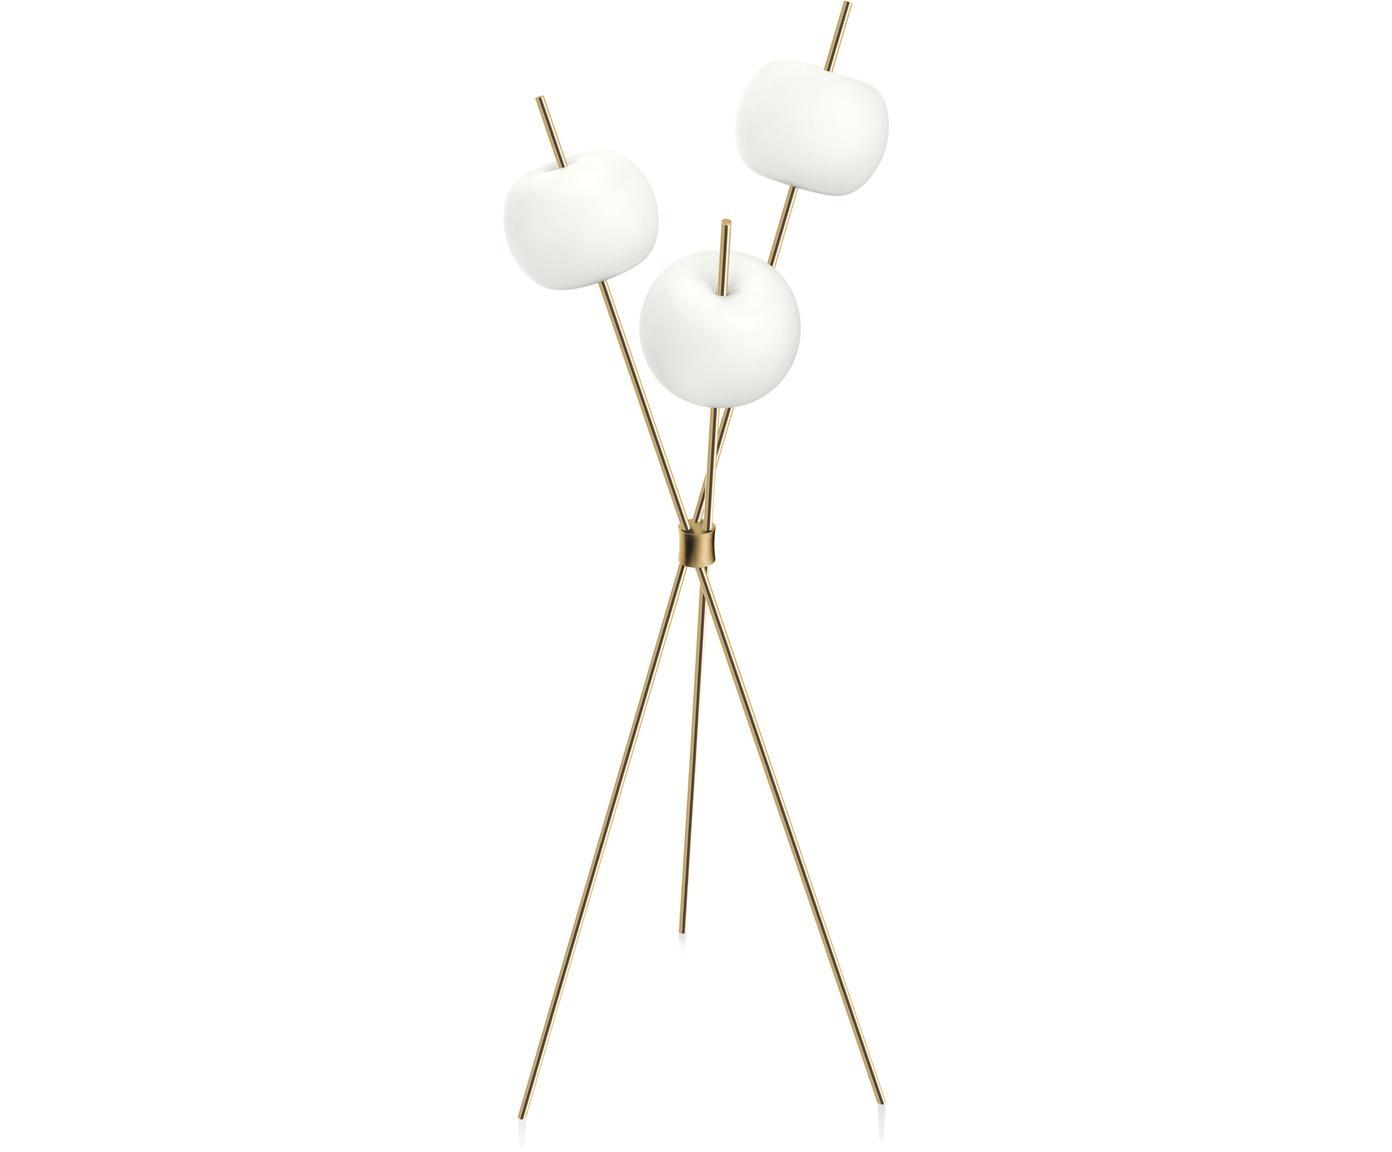 Lampa podłogowa z funkcją przyciemniania Kushi, Stelaż: mosiądz, malowane proszko, Odcienie mosiądzu, biały, Ø 56 x W 140 cm